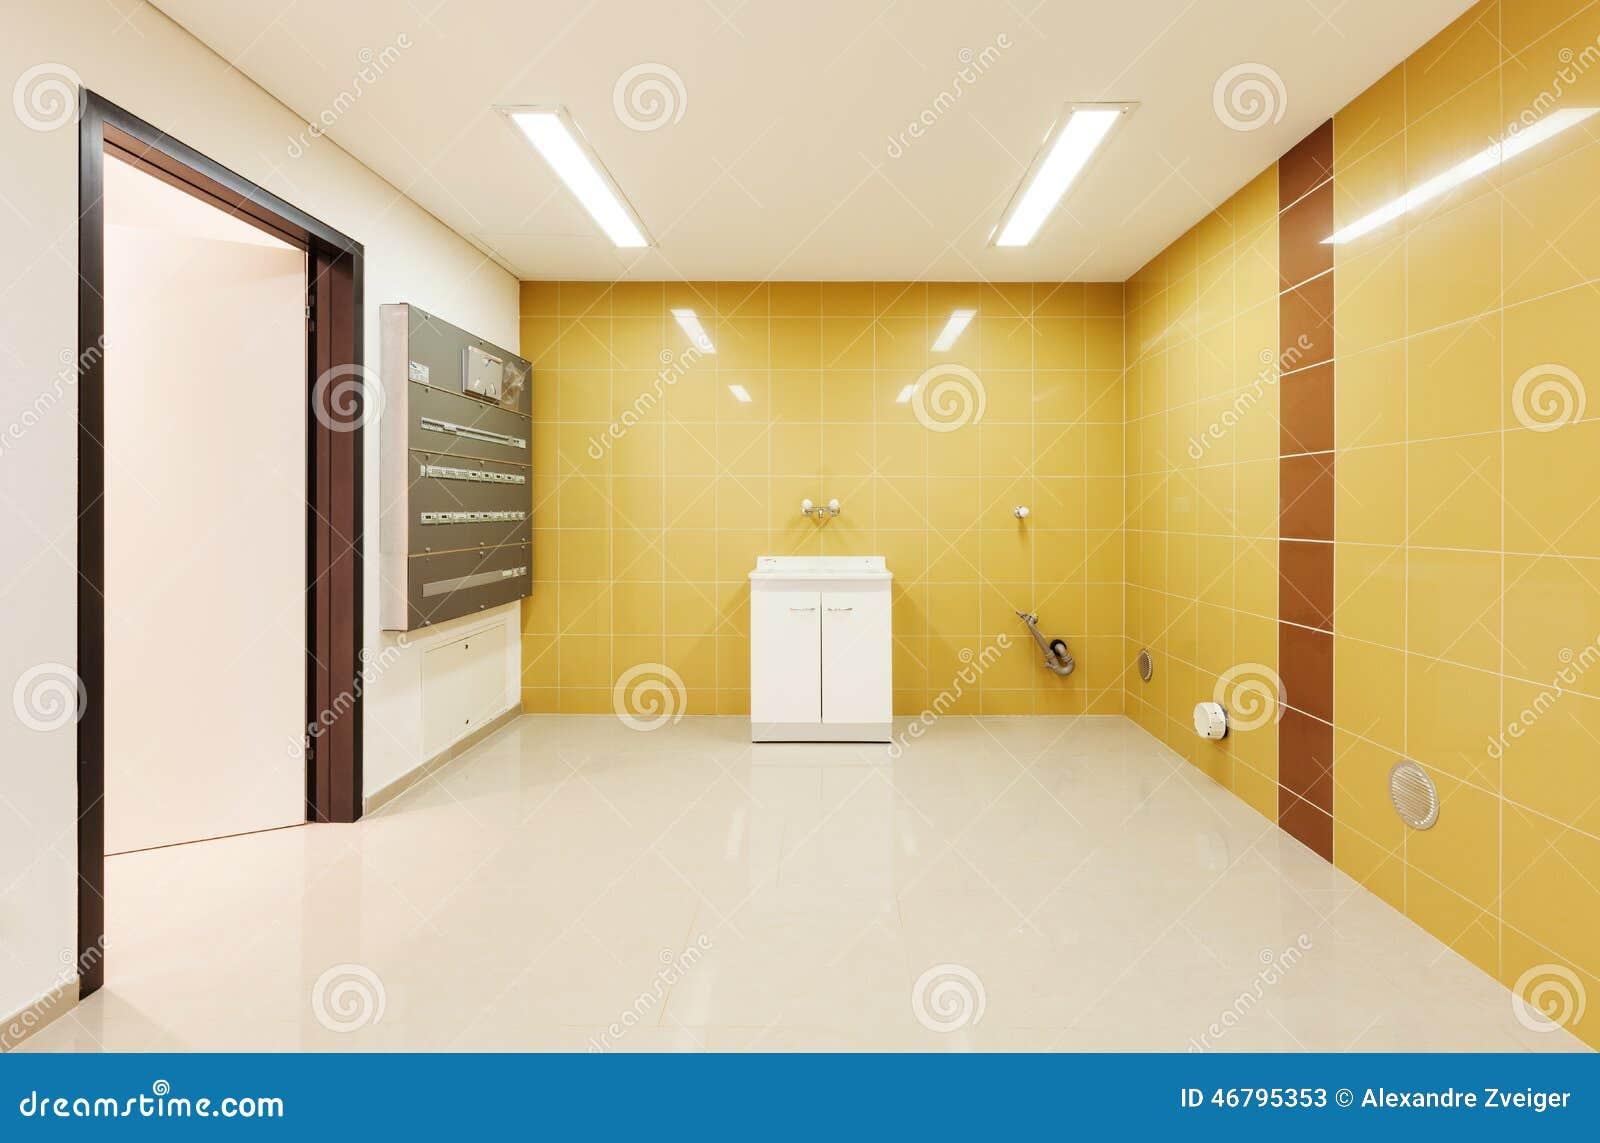 Maison moderne intérieure, blanchisserie